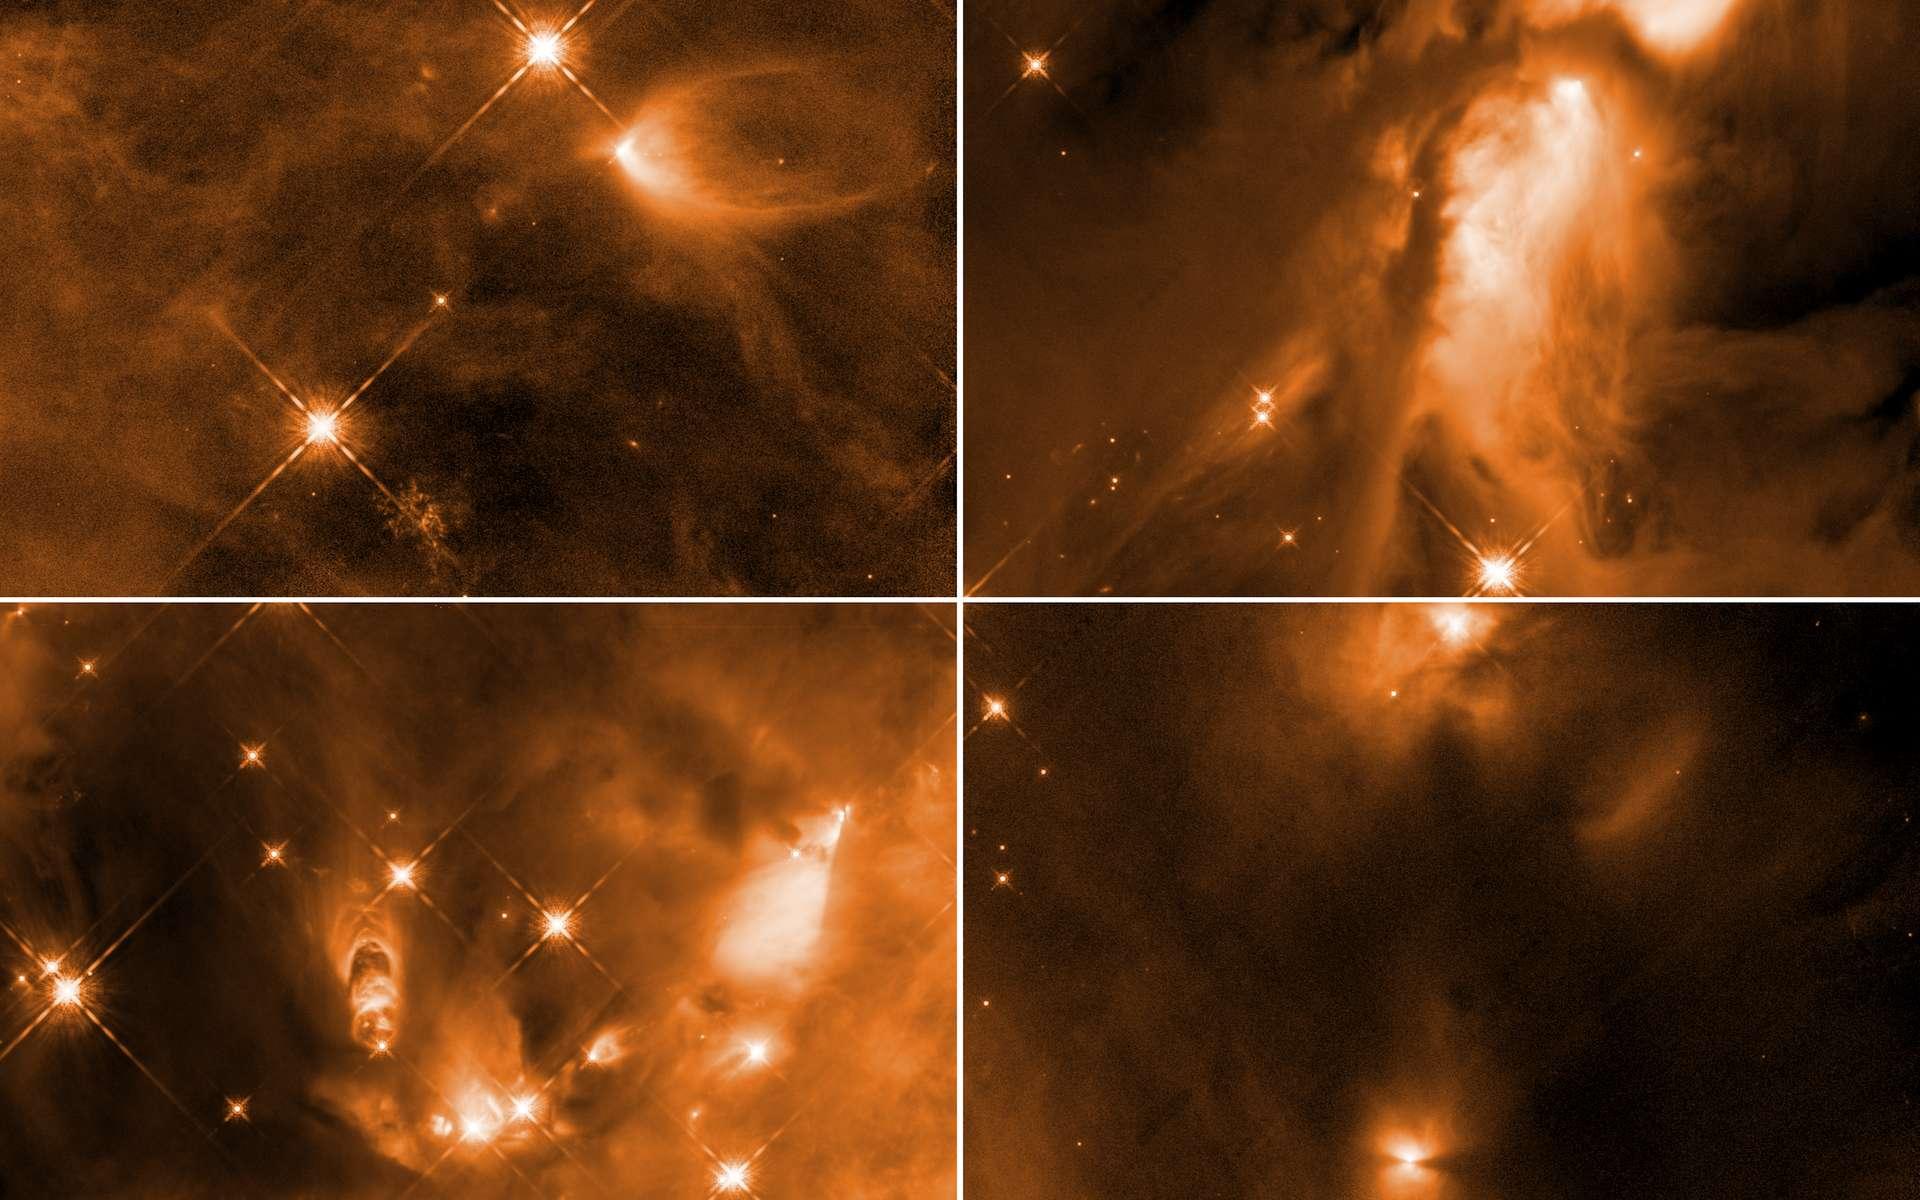 Des chercheurs de l'université de Toledo (États-Unis) ont étudié des étoiles naissantes dans le complexe d'Orion. Selon eux, un processus encore inconnu intervient pour stopper la croissance des protoétoiles. © Nasa , ESA , STScI , N. Habel, S. T. Megeath (Université de Tolède)